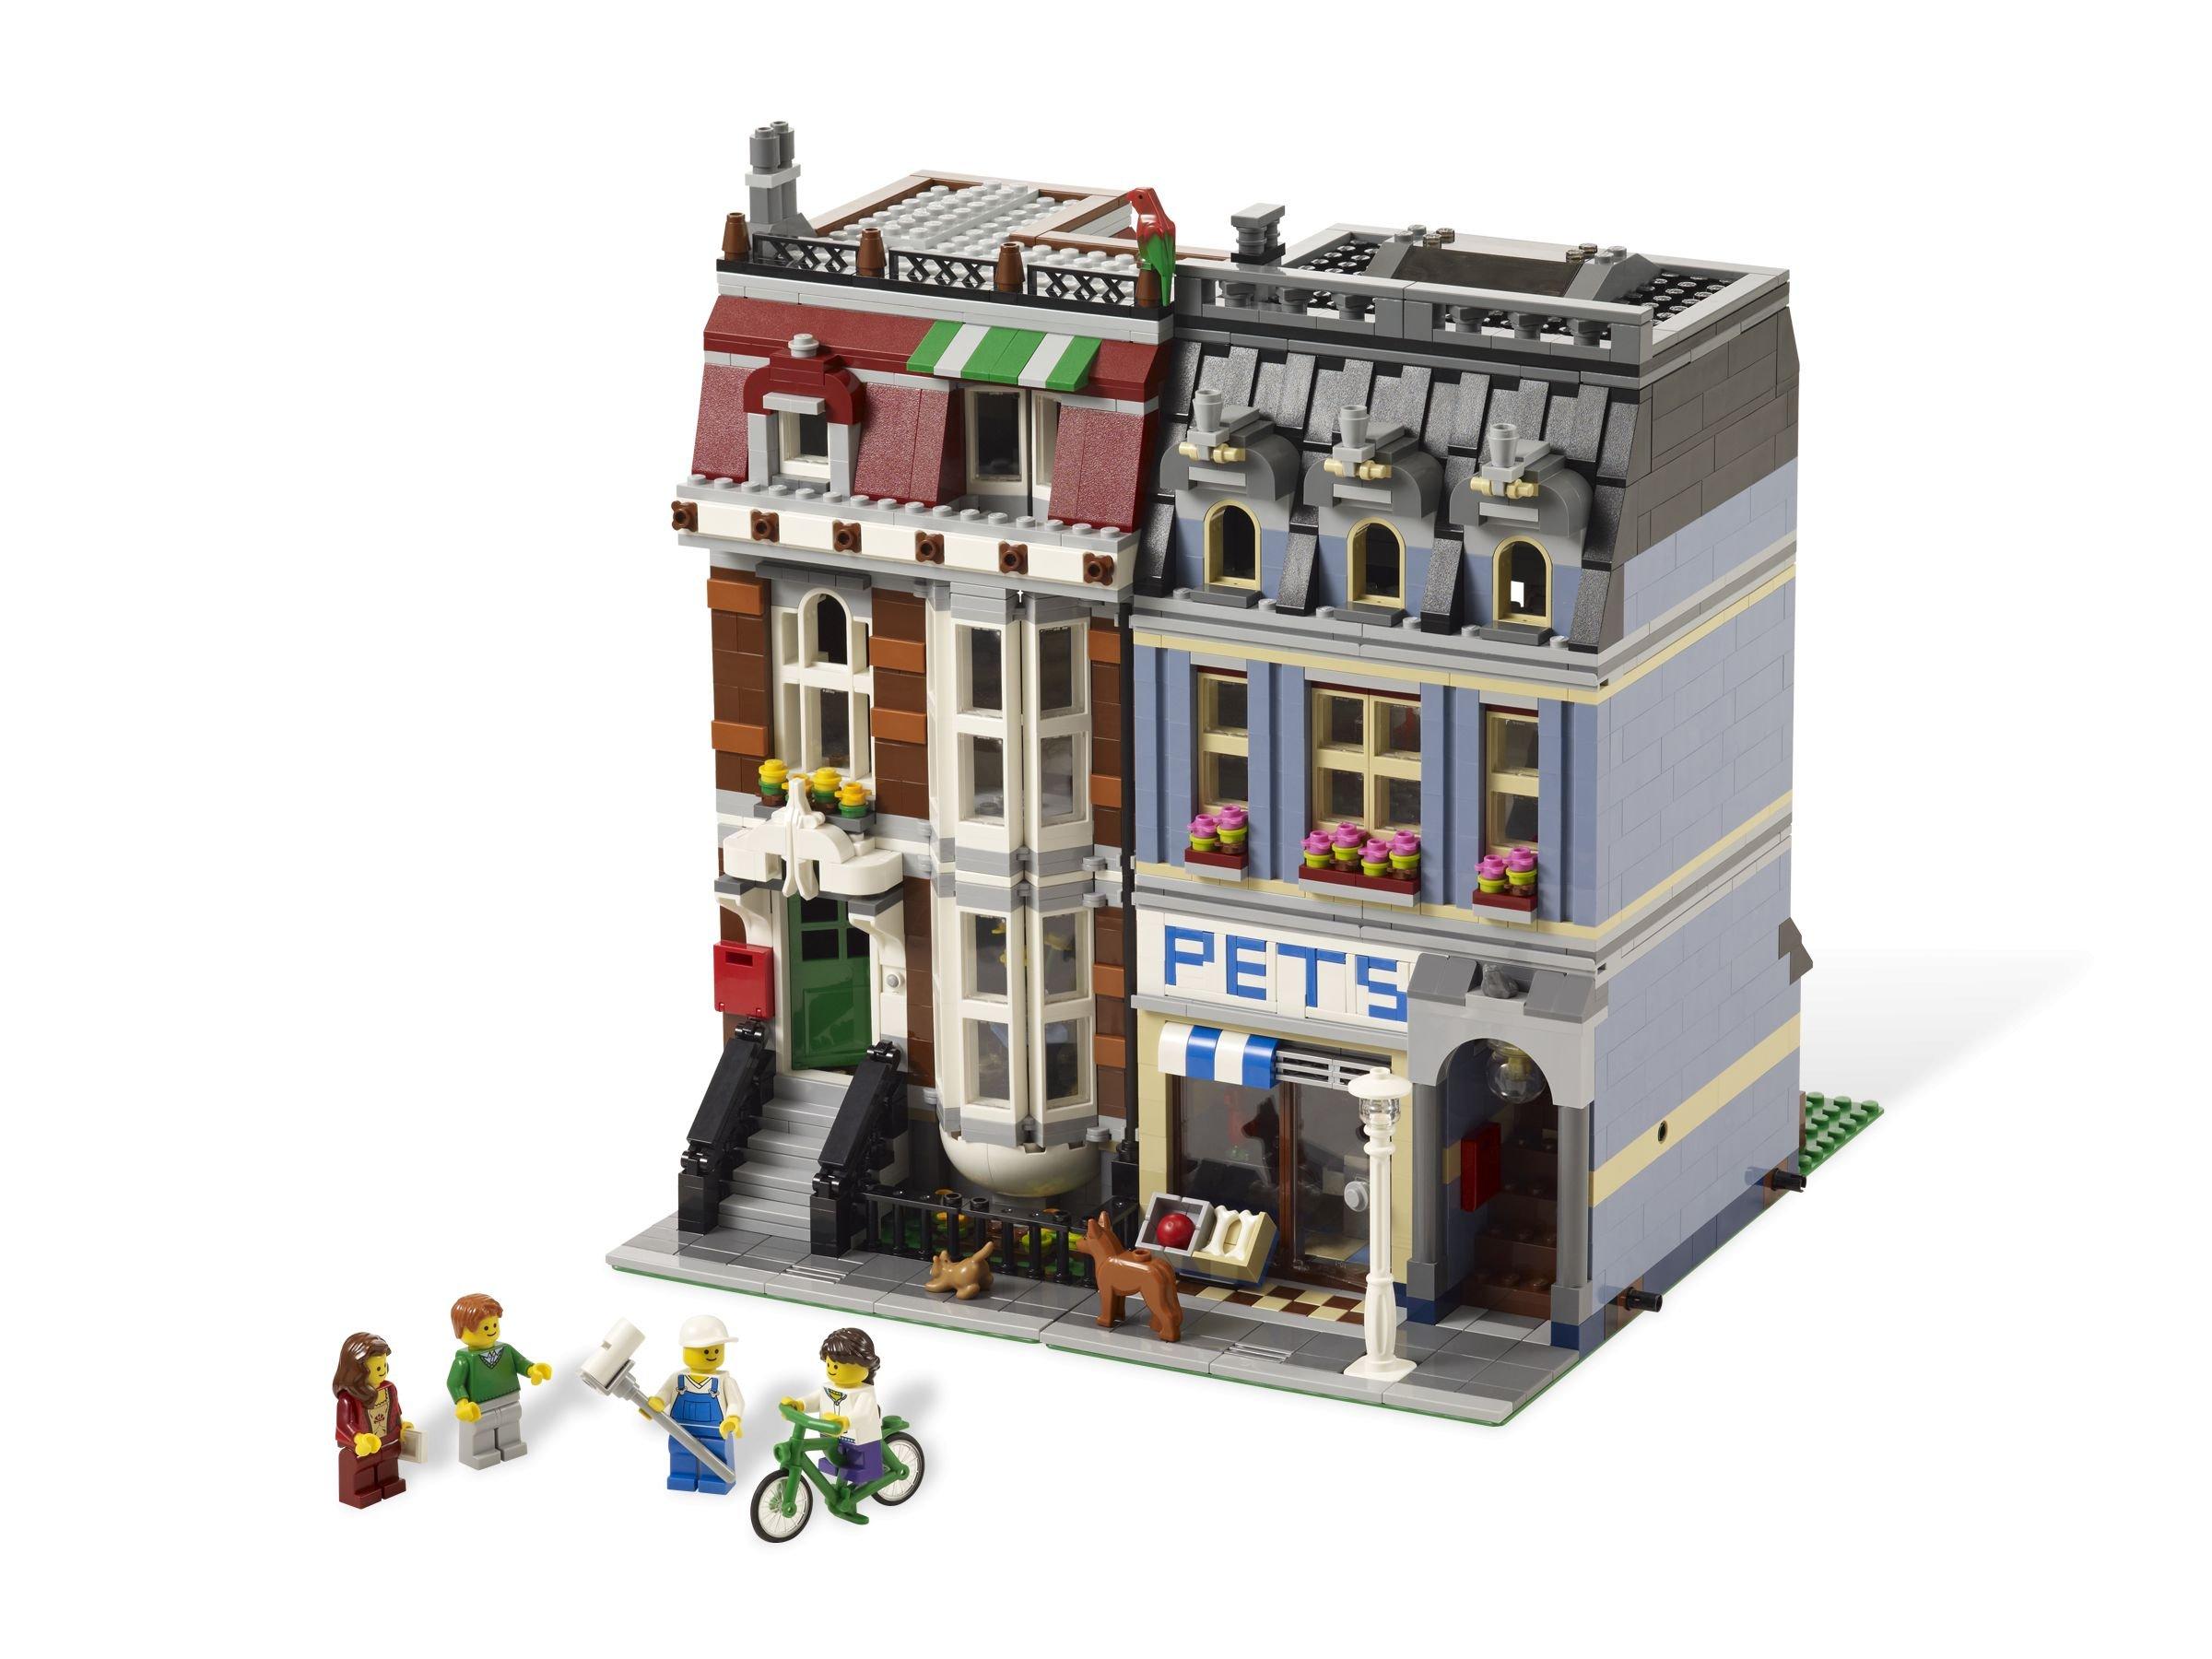 Sammeln & Seltenes Gebäude & Konstruktionsspielzeug Luft-und Raumfahrt Komponenten Raum Rakete Starten Zentrum Bausteine Kompatibel Mit Lego Kinder Spielzeug Gut Verkaufen Auf Der Ganzen Welt